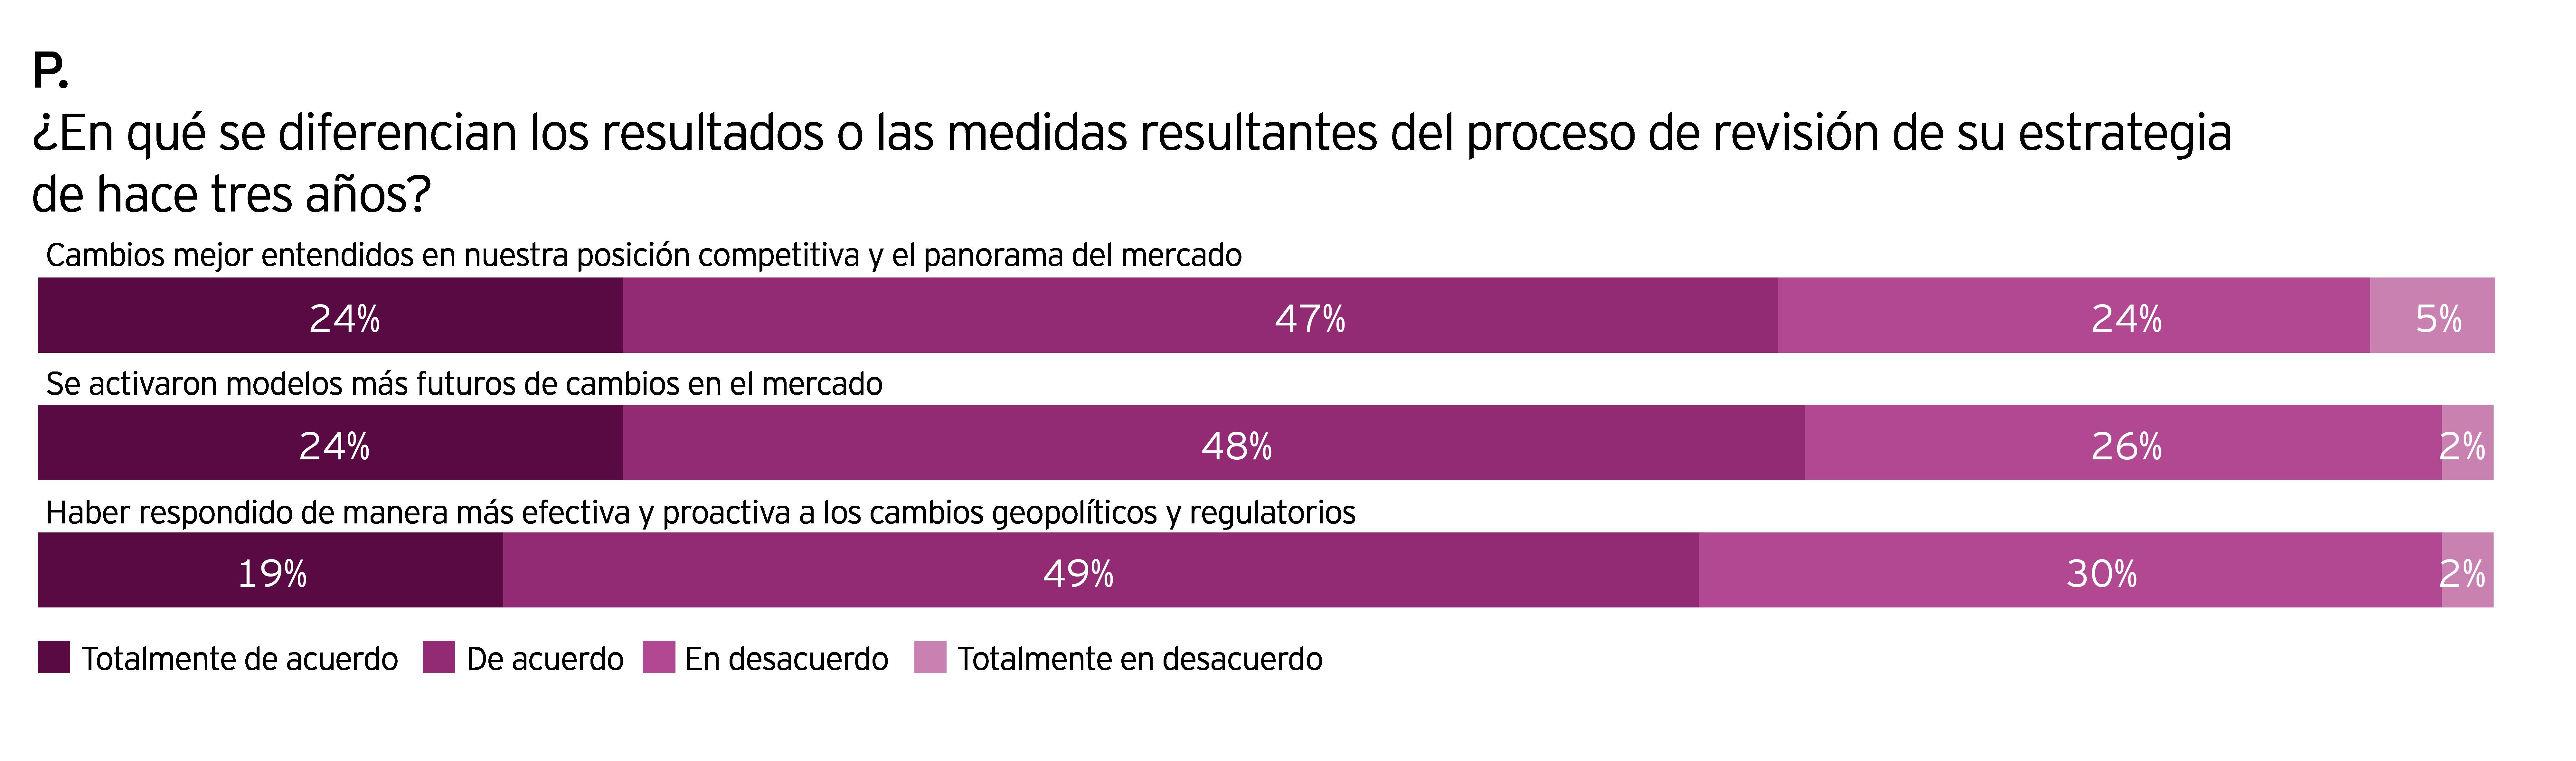 Fusiones y Adquisiciones de EY, encuesta sobre cómo las acciones resultantes del proceso de revisión de la estrategia difieren de las de hace tres años